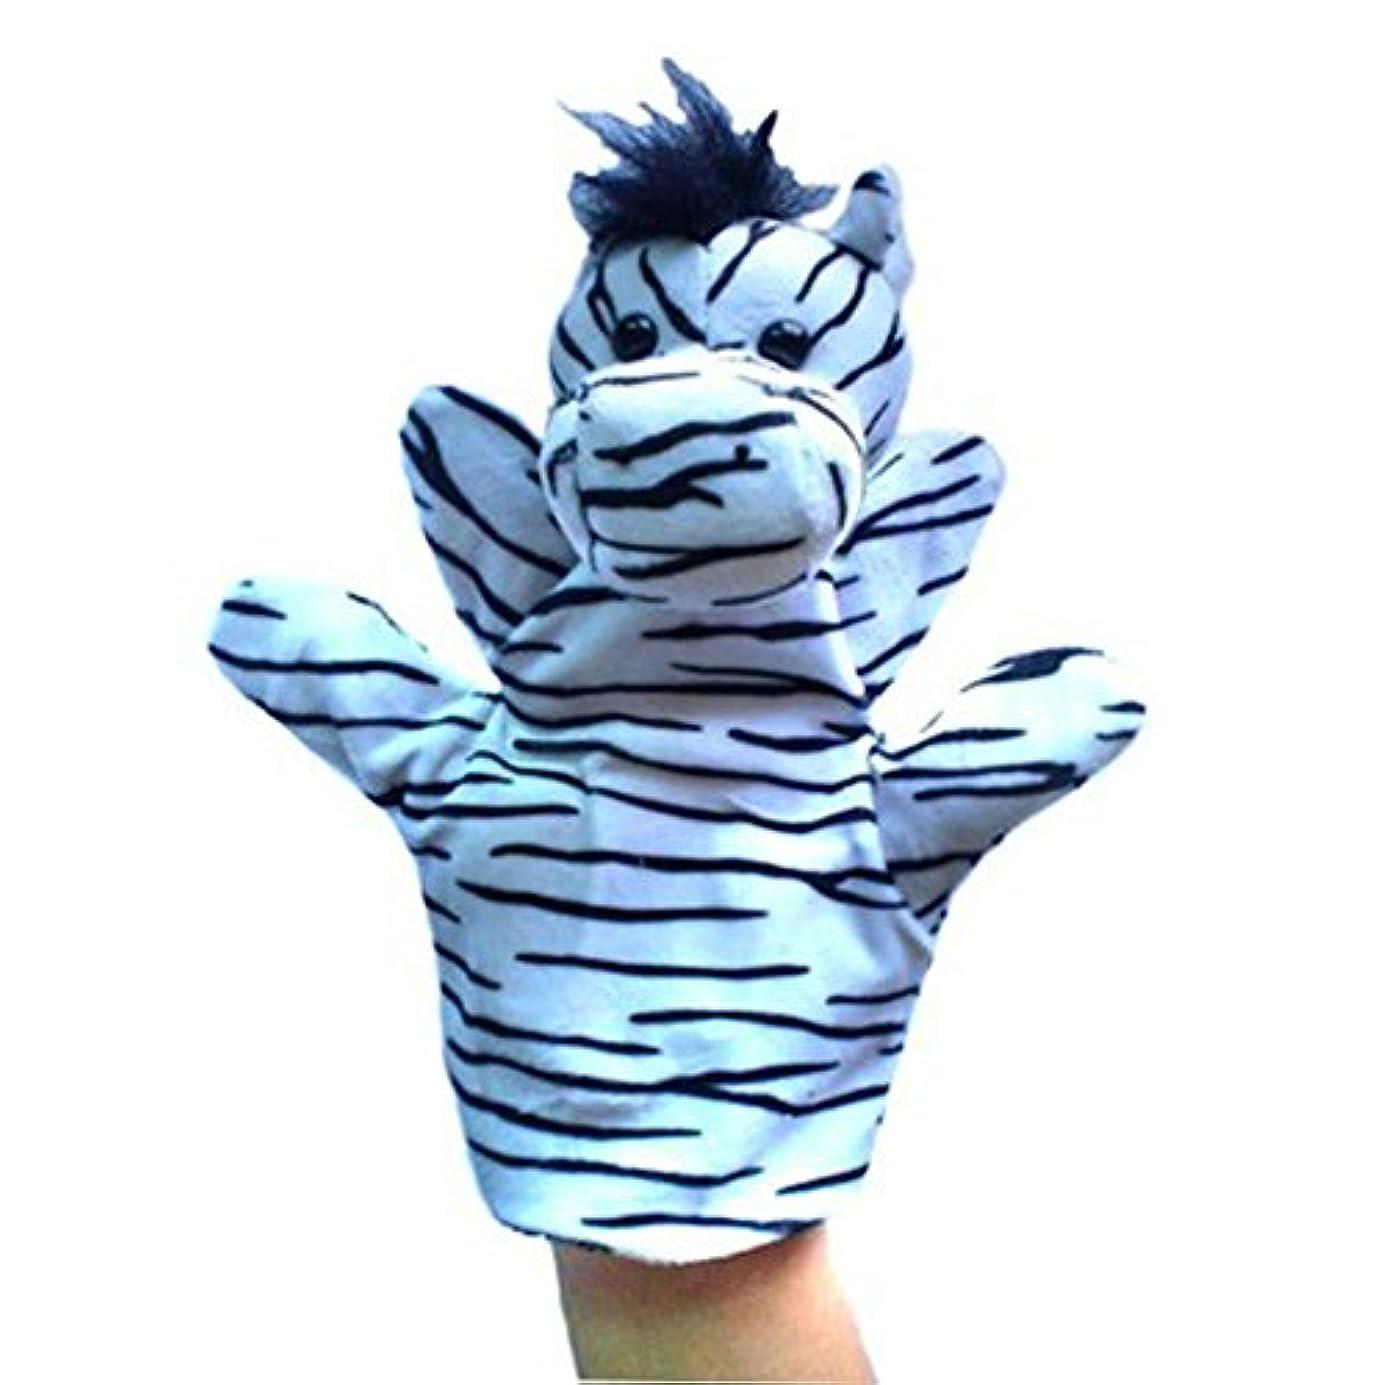 測定大騒ぎ退屈知育玩具 赤ちゃん 布のおもちゃ ぬいぐるみ 人形 ハンドパペット ノリノリで遊ぶ ギフト 出産祝い 内祝い プレゼント 面白い(シマウマ) #01